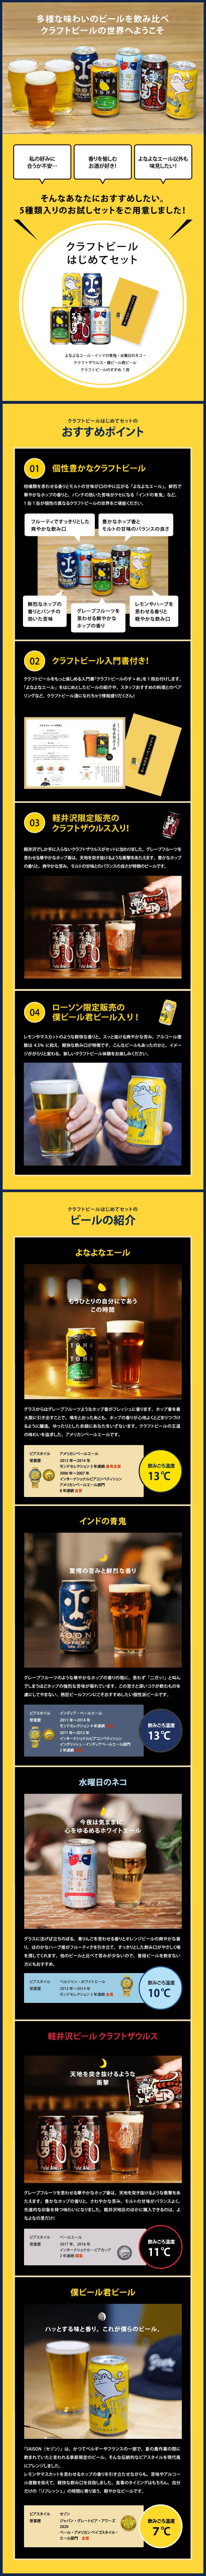 クラフトビールはじめてセット 商品説明